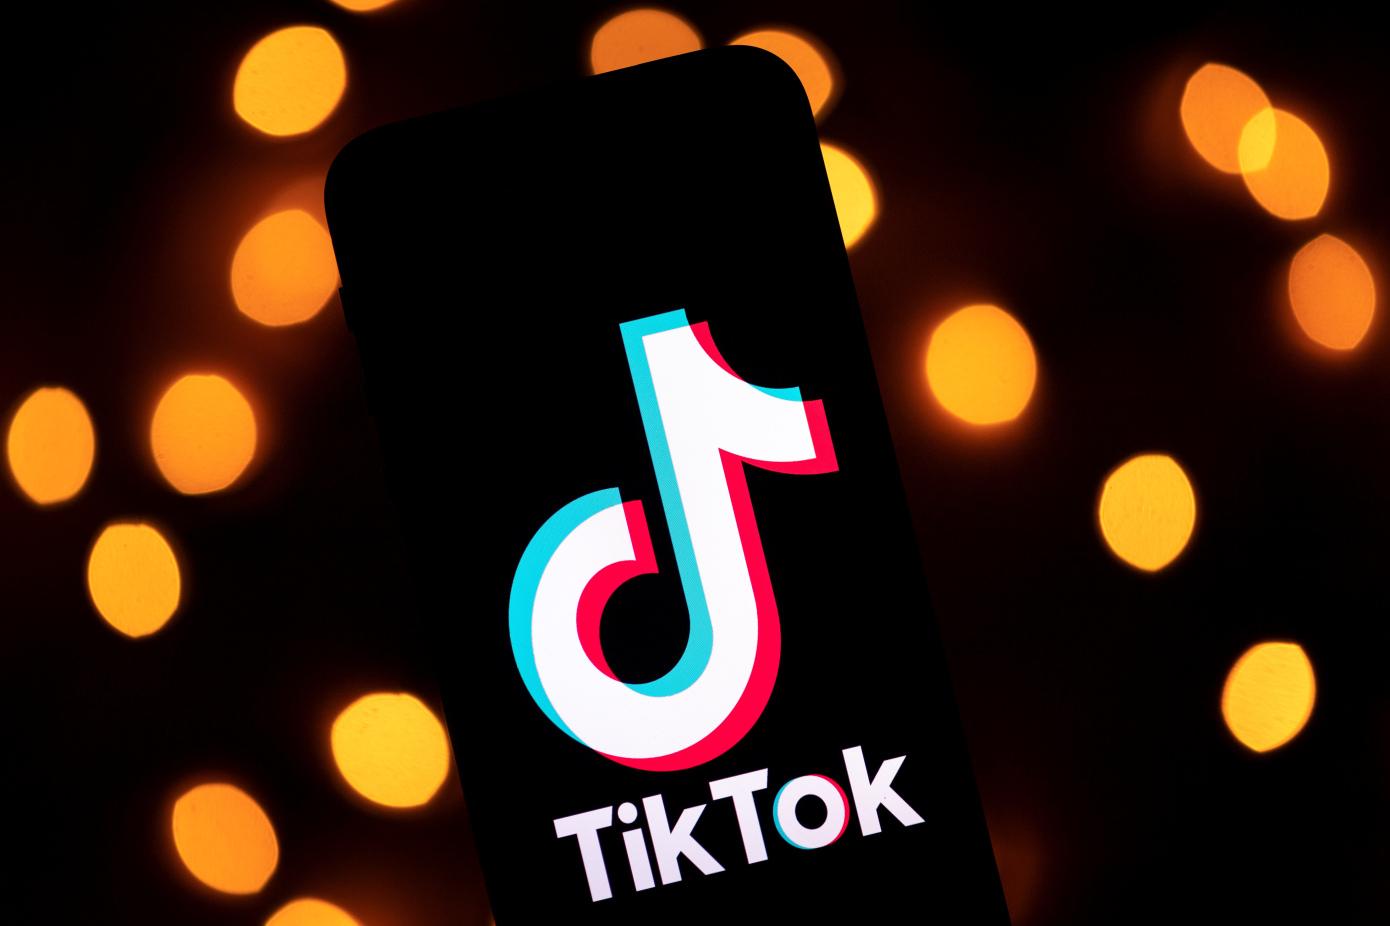 La nueva función de Q&A de TikTok permite responder mediante texto o video